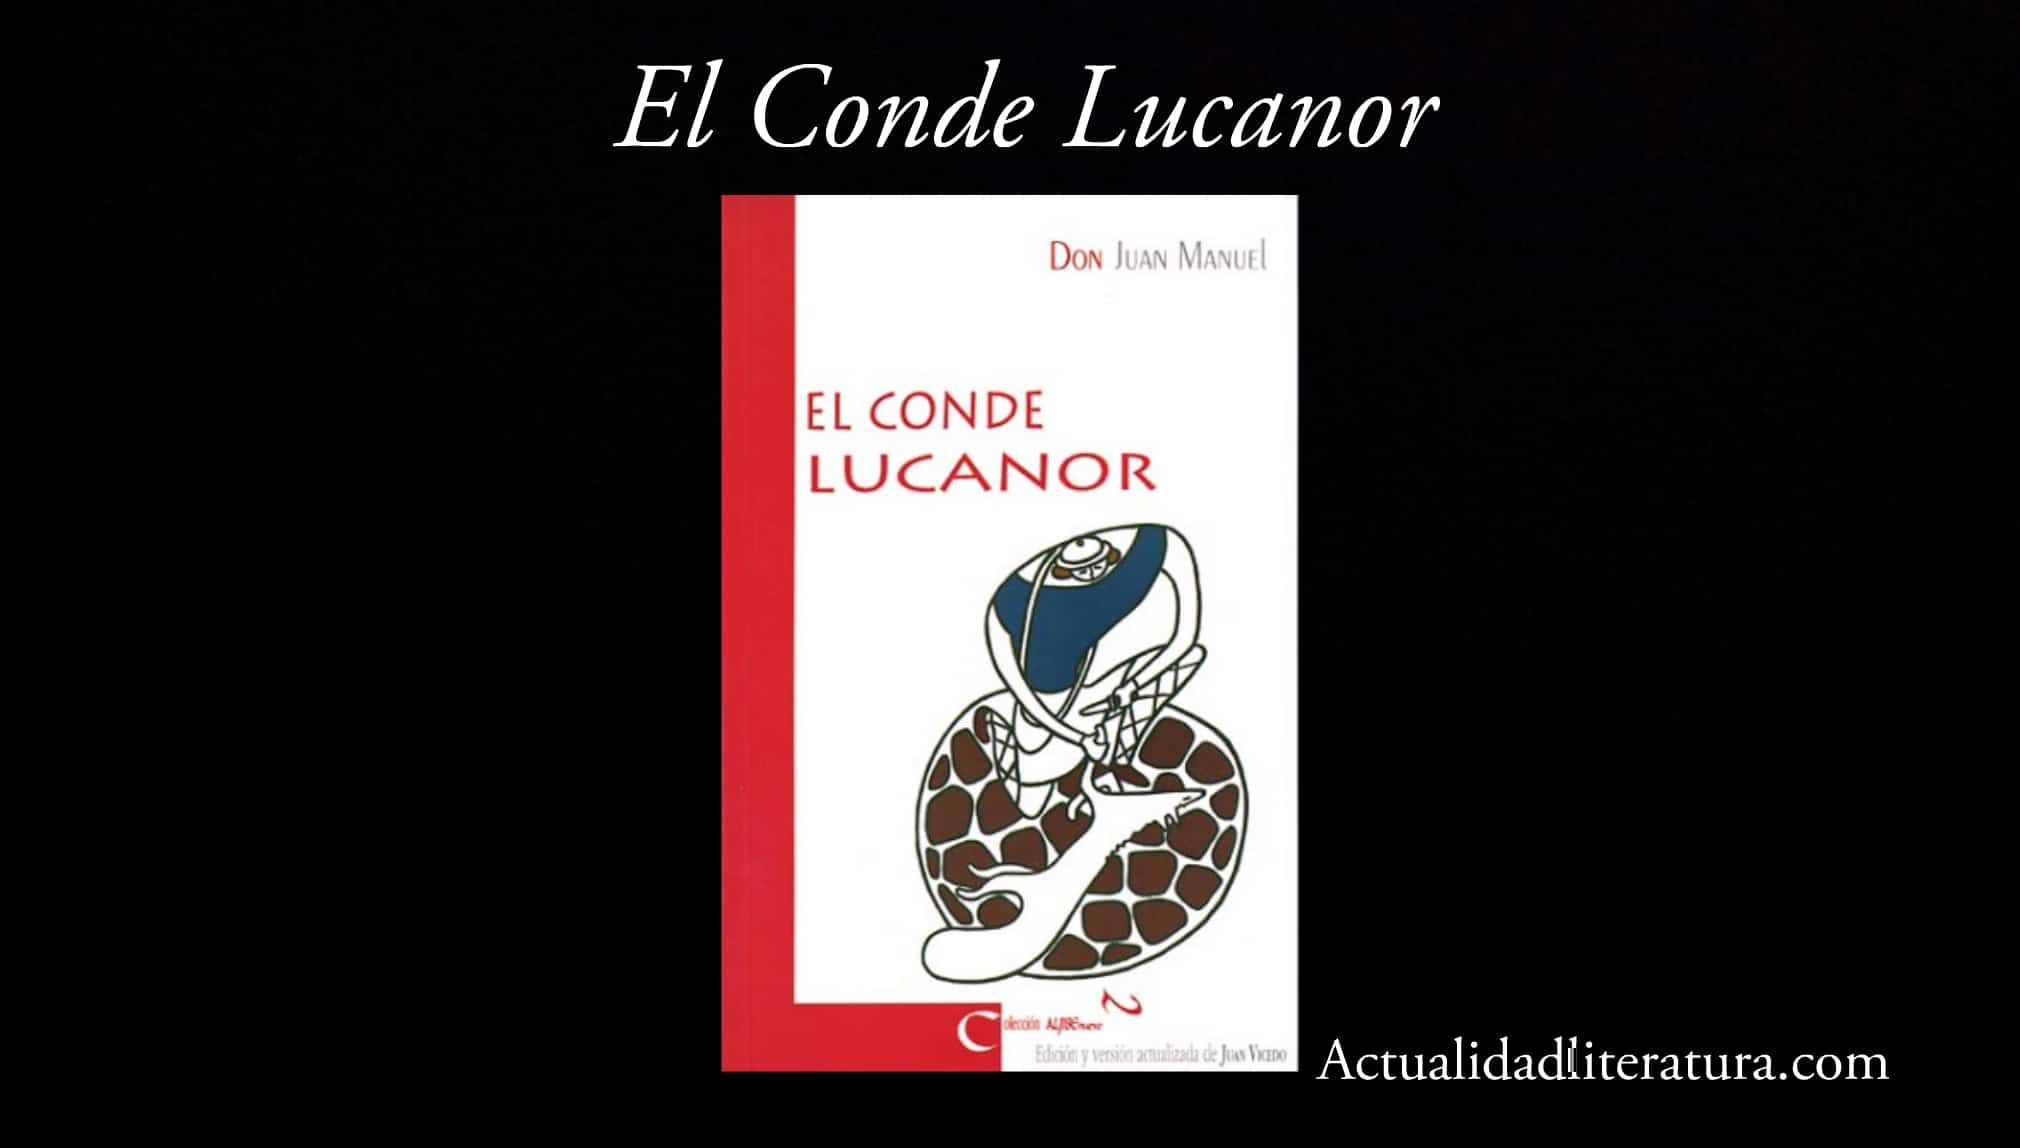 El Conde Lucanor (Don Juan Manuel) reseña de la gran